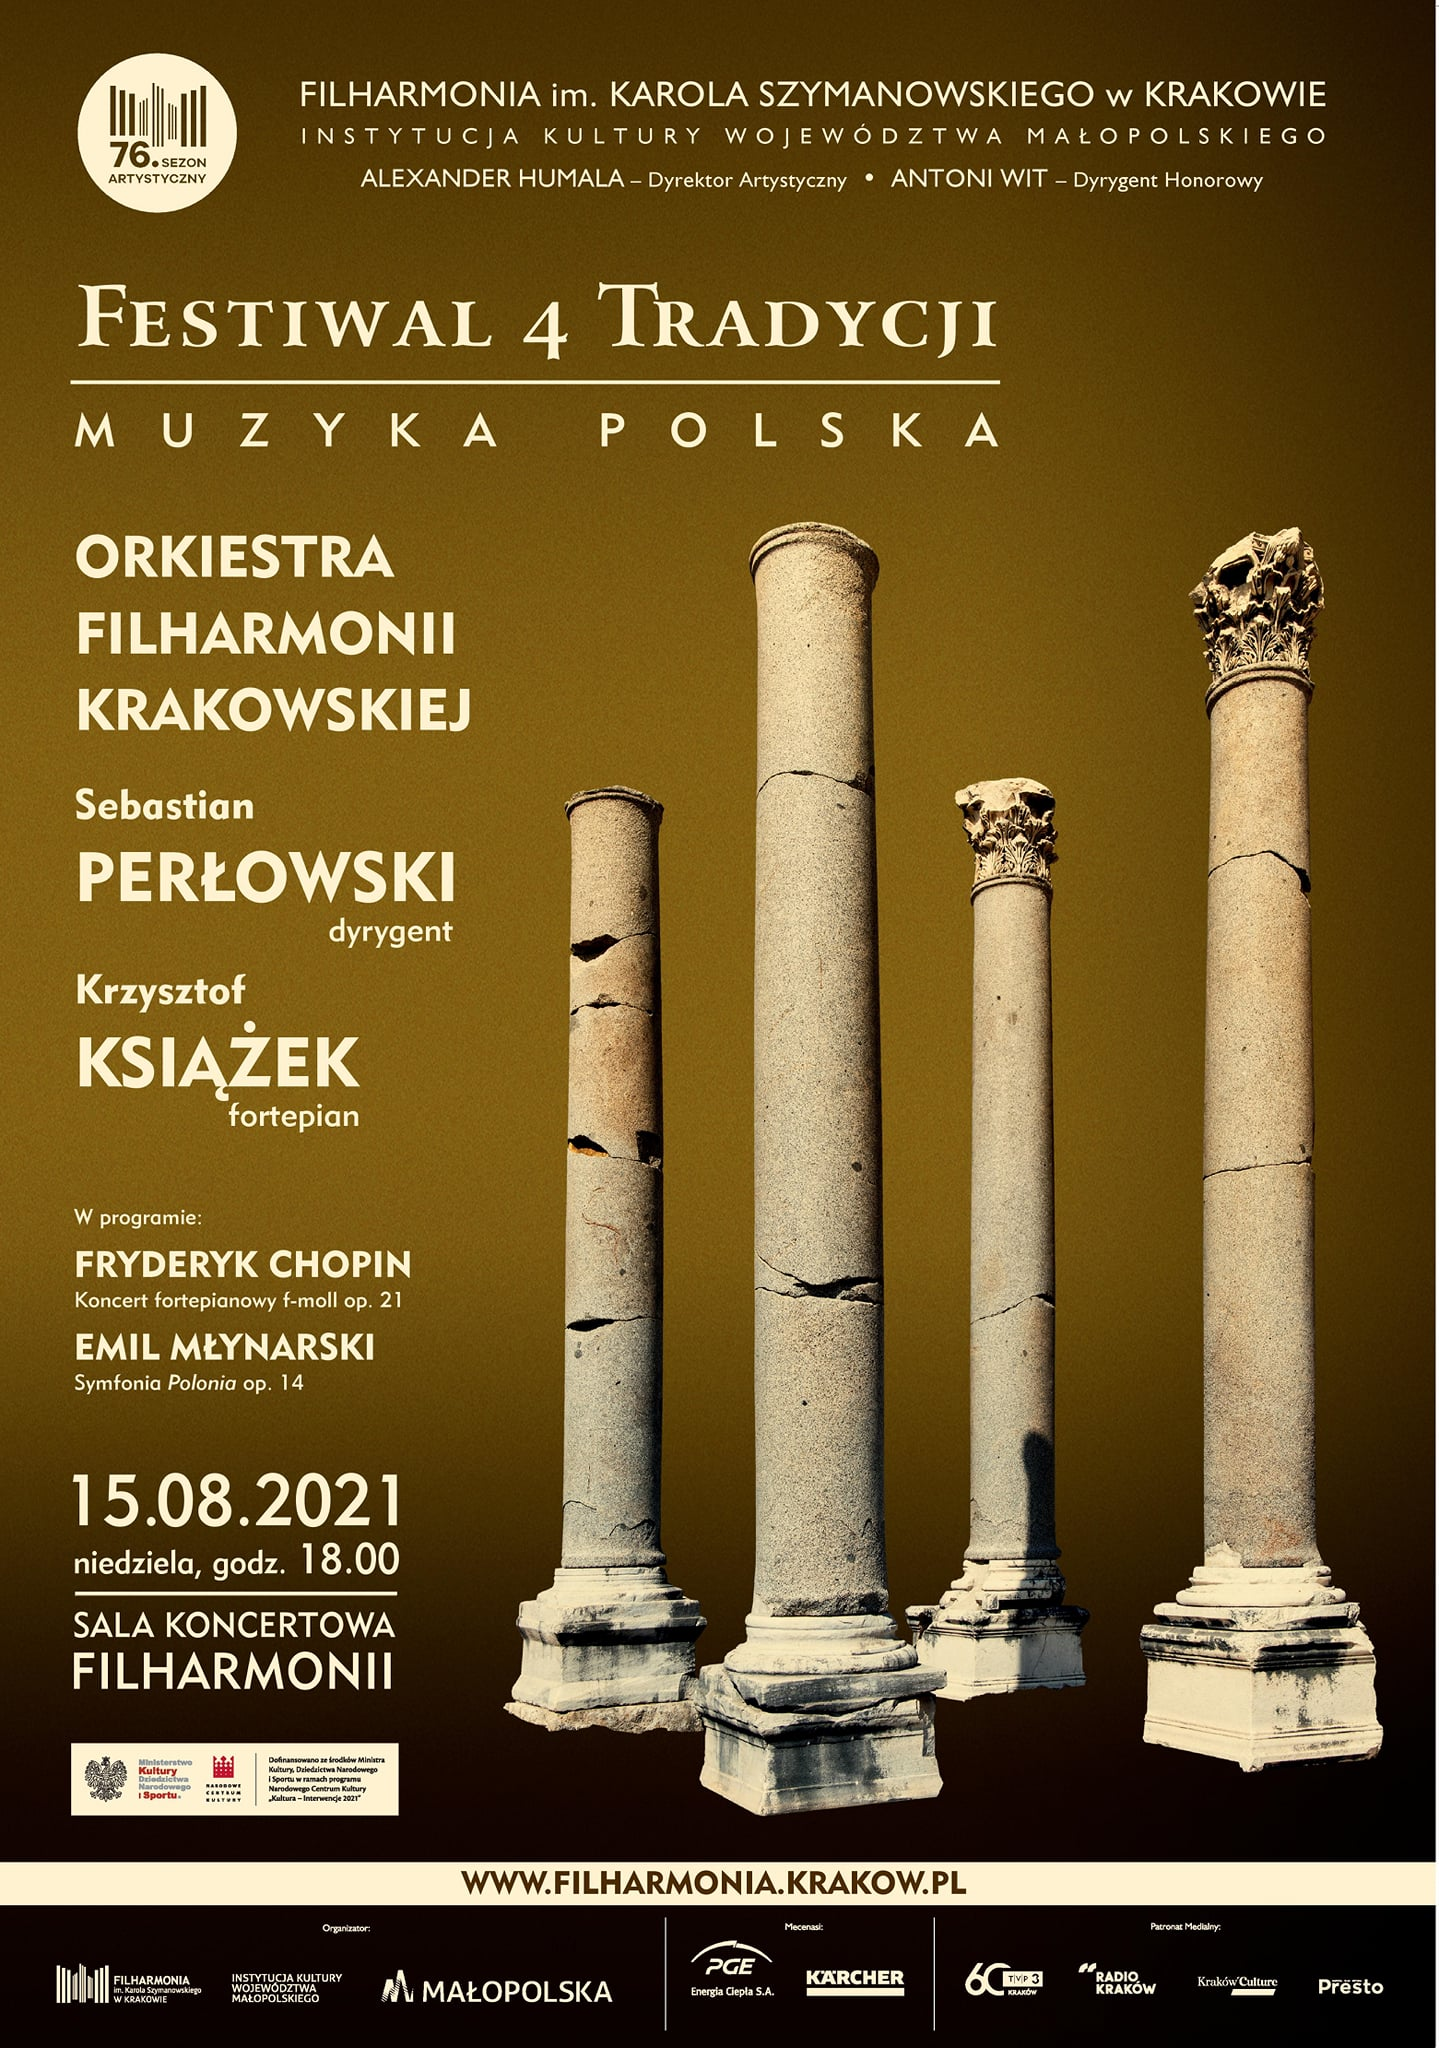 Festiwal 4tradycji -plakat promujący wydarzenie.